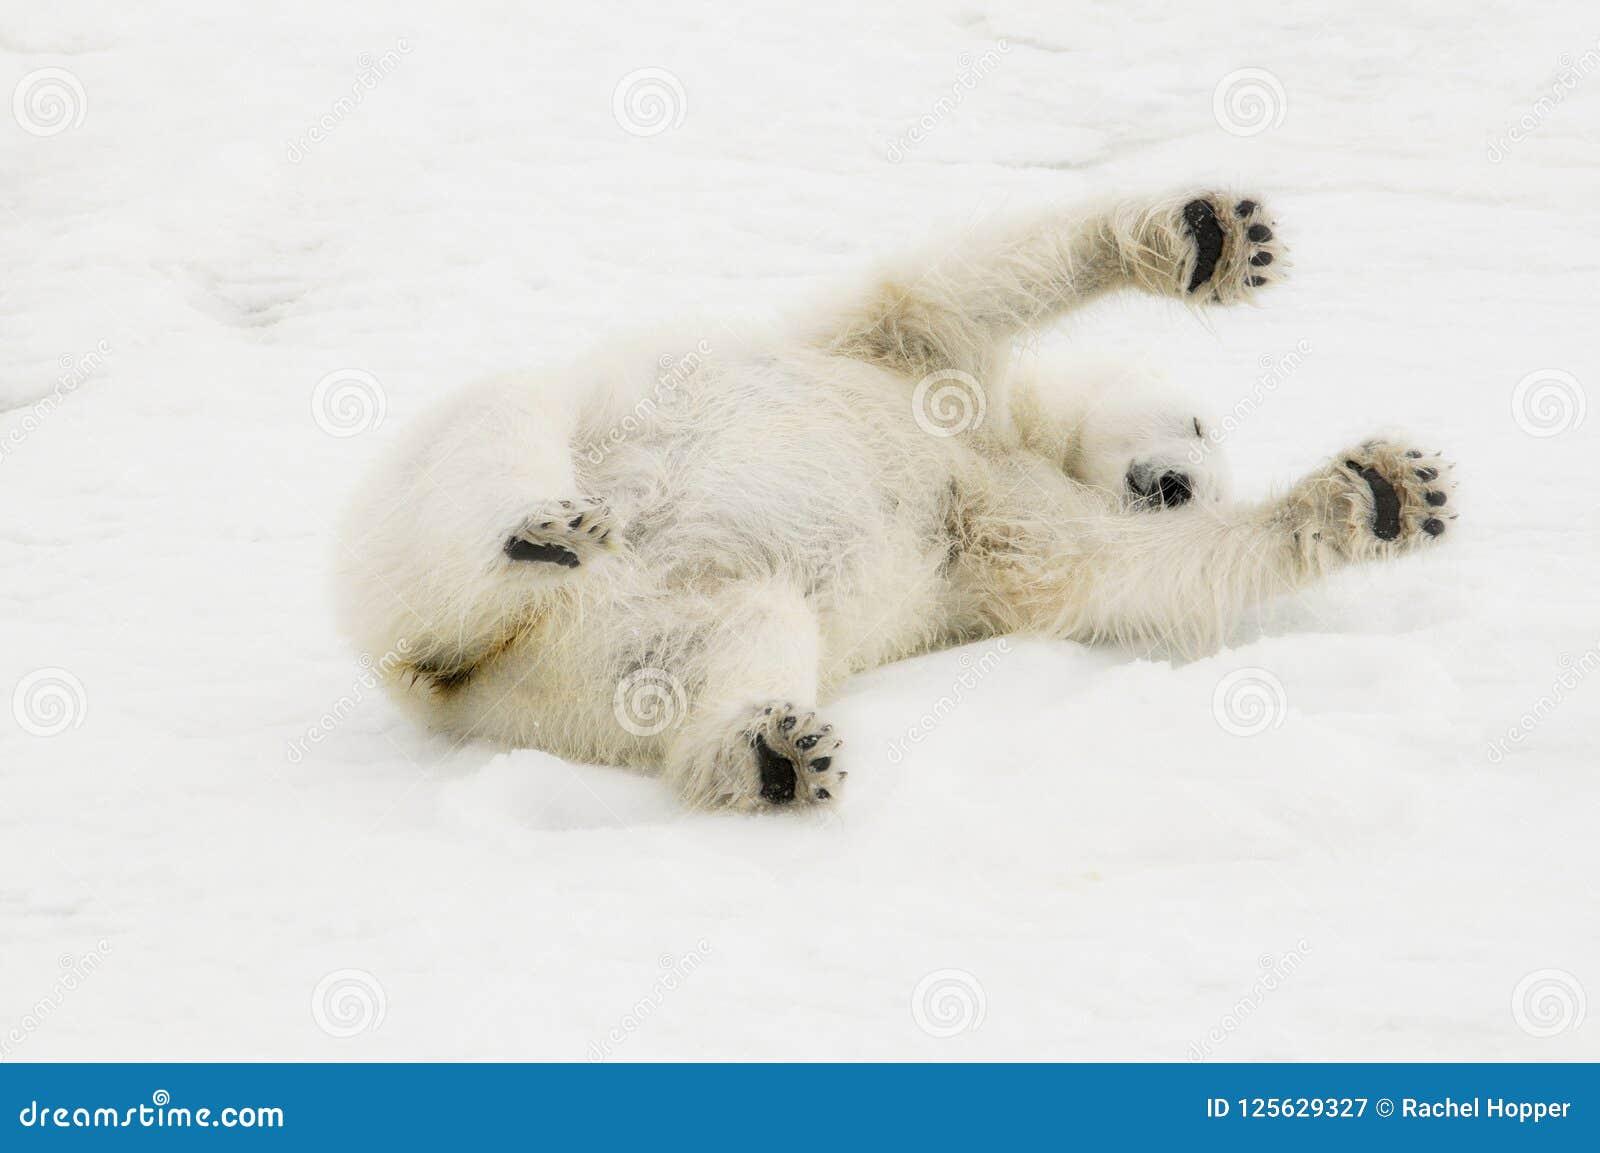 Dziki niedźwiedzia polarnego Ursus maritimus na lodzie & śnieg Spitsbergen daleko